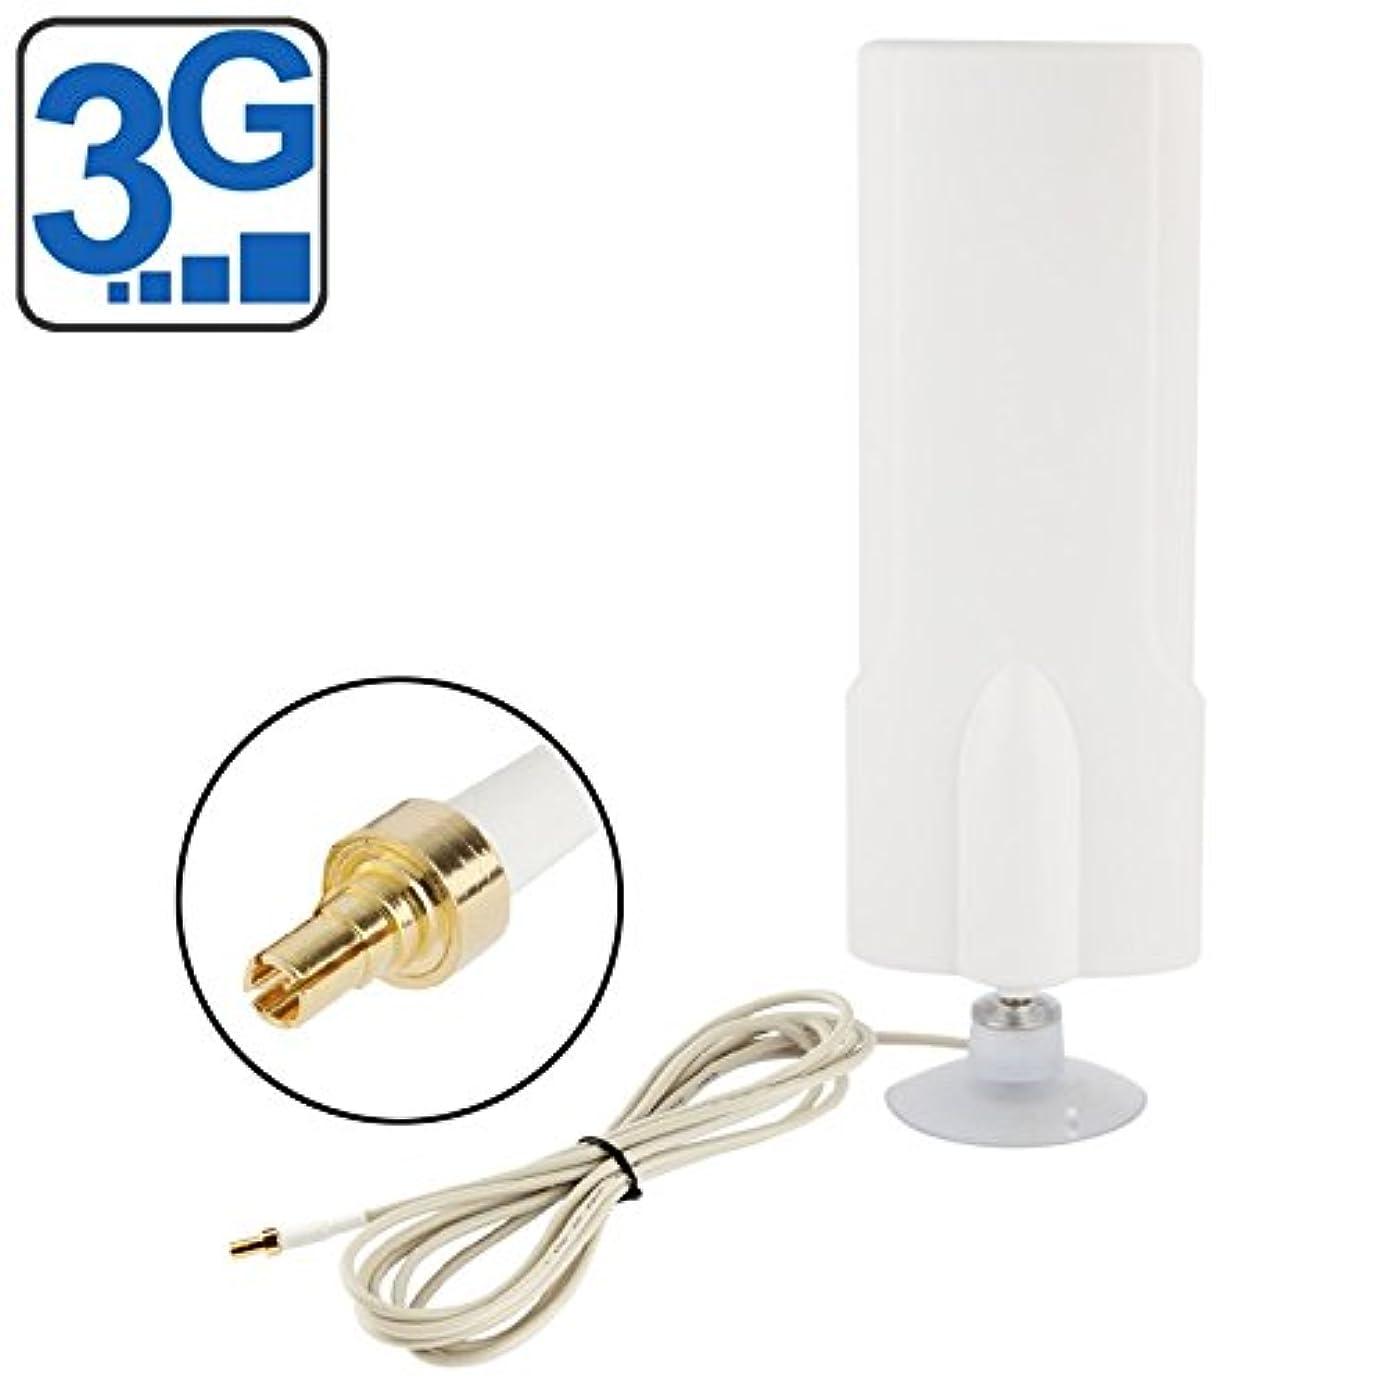 複合暗黙雨のコンピュータ&アクセサリーネットワークアンテナ 高品質屋内30dBi CRC9 3Gアンテナ、ケーブル長さ:1m、サイズ:20.7cm x 7cm x 3cm コンピュータ&アクセサリーネットワークアンテナ